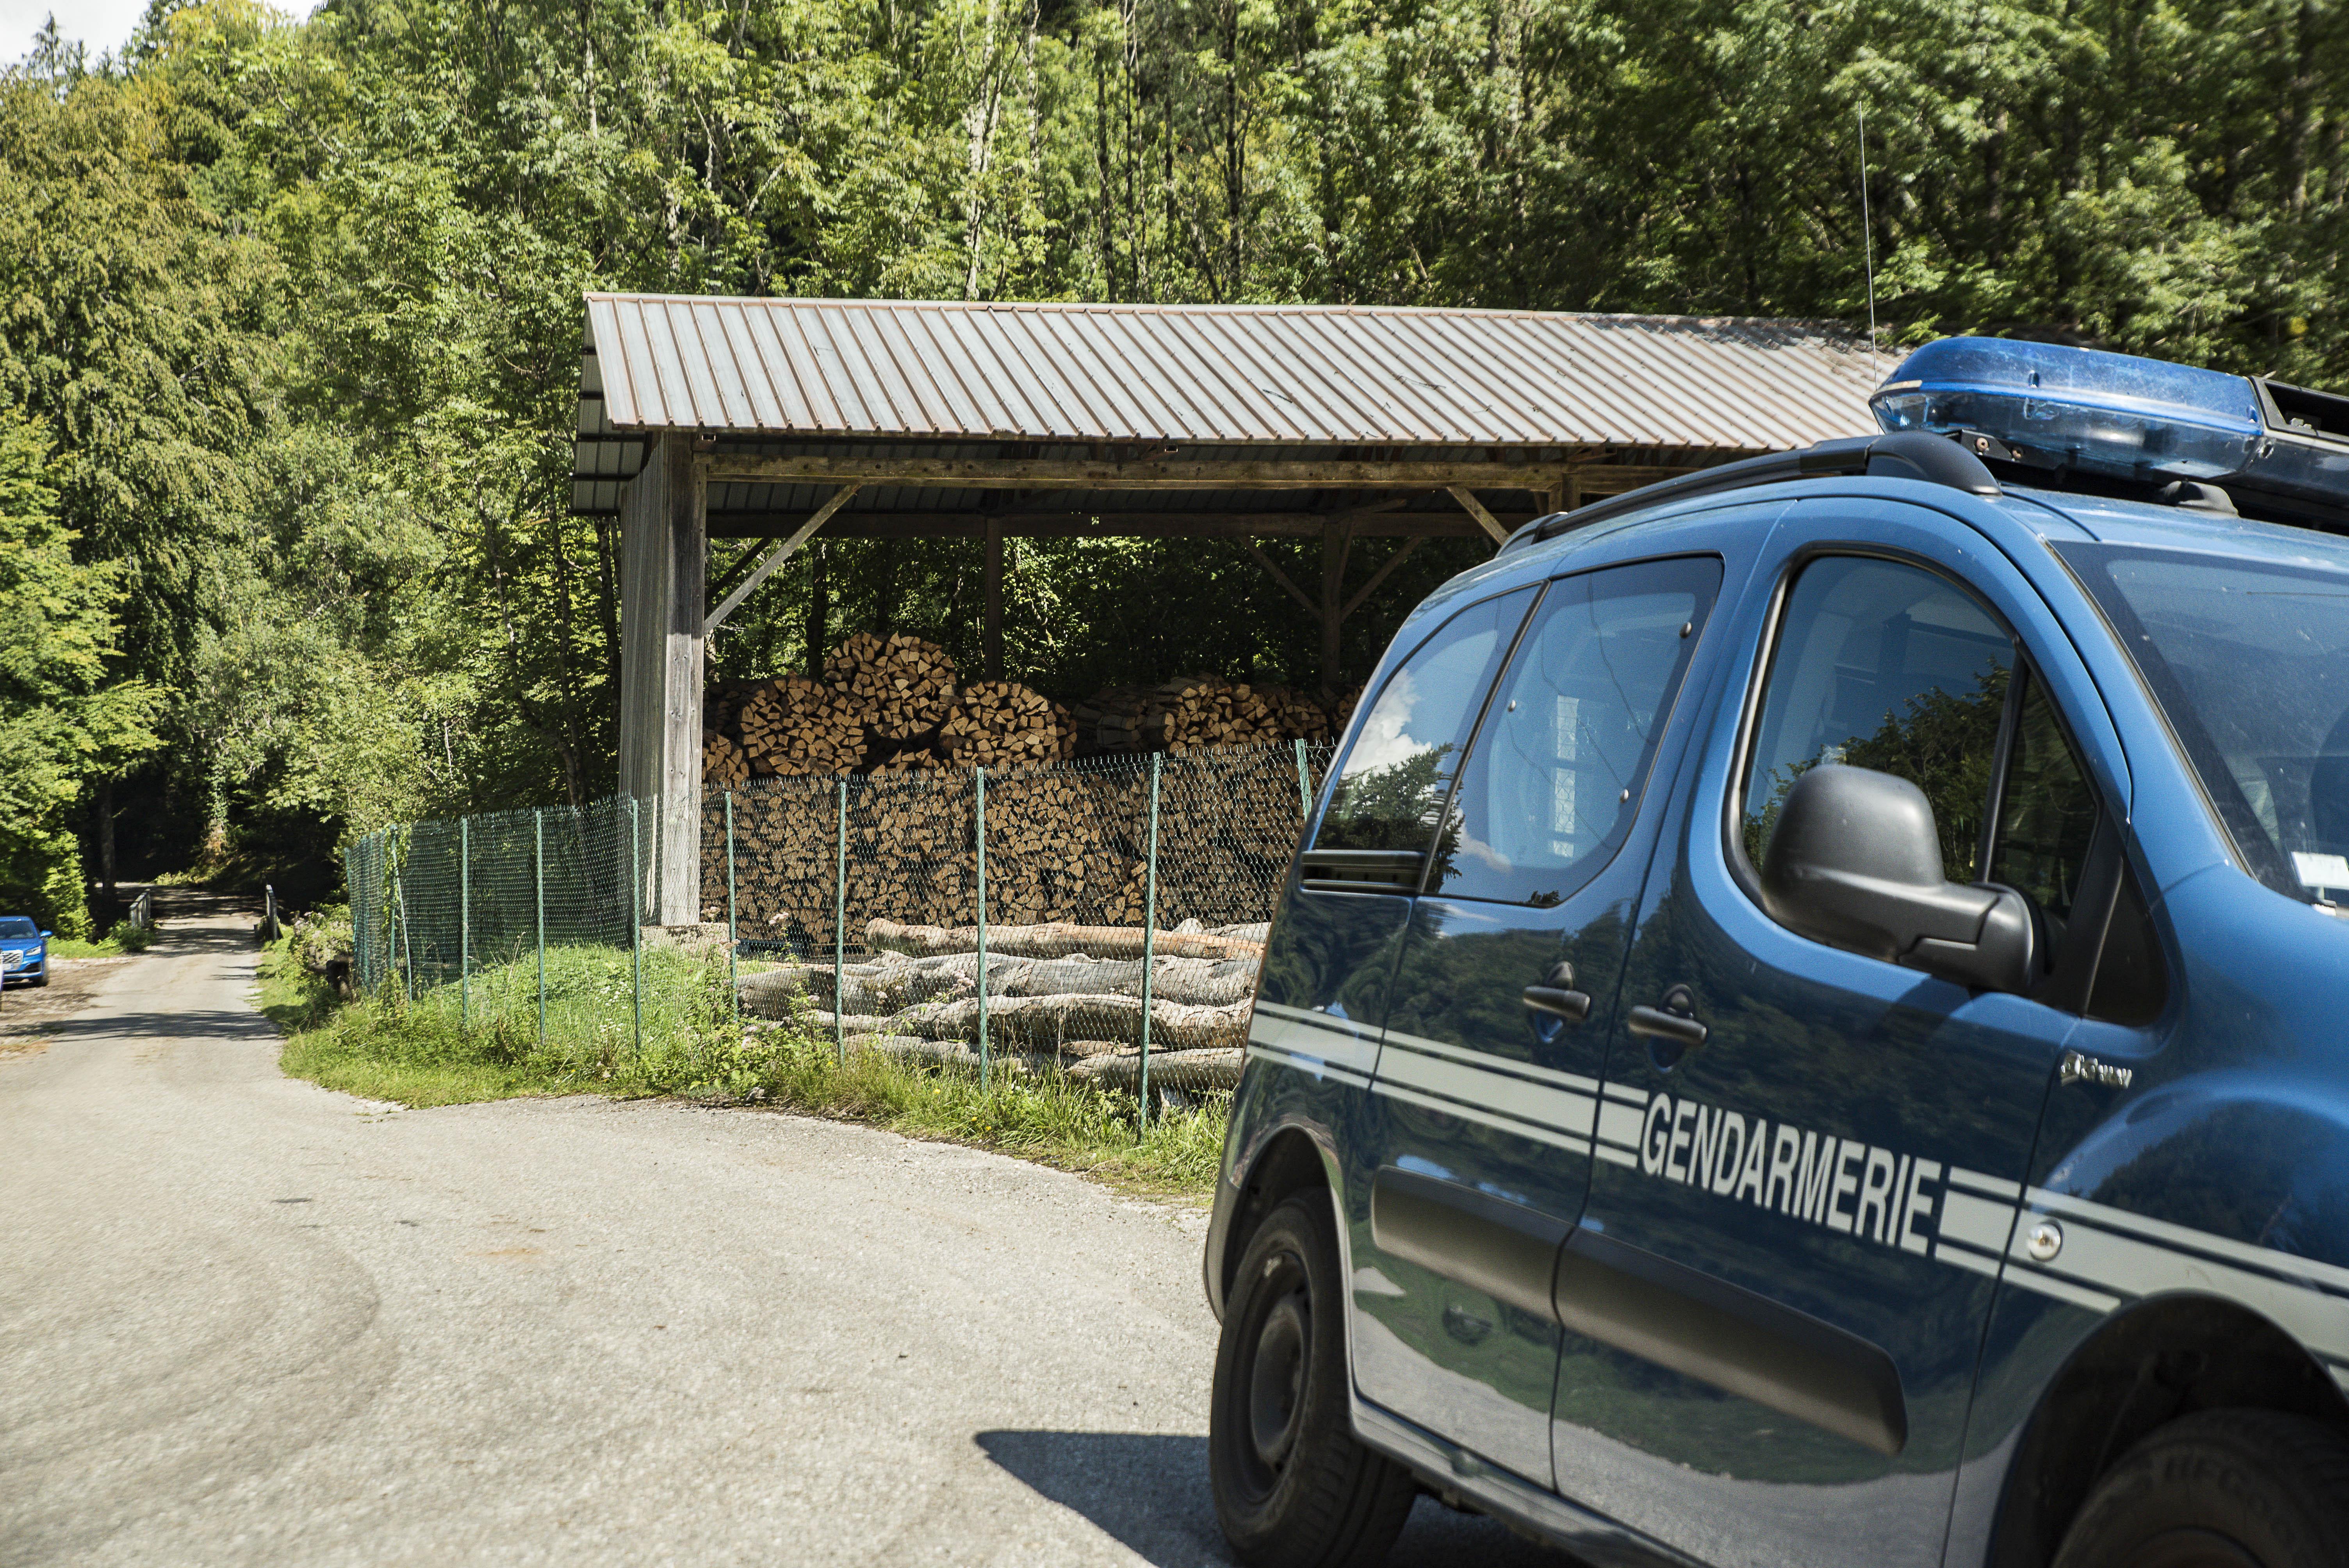 (VIDEOS & PHOTOS) Chevaline : un corps retrouvé à côté d'une voiture calcinée